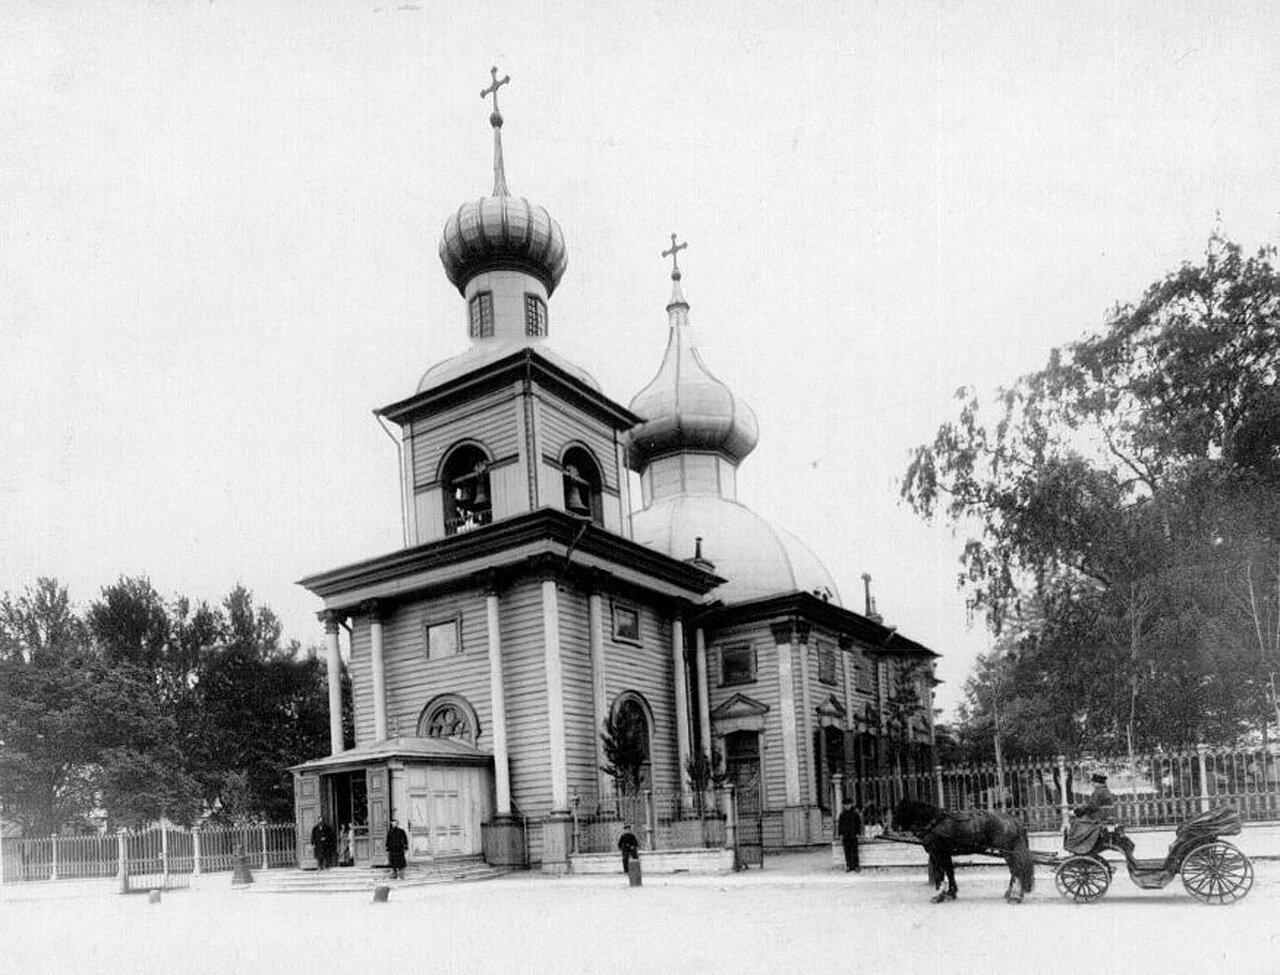 02. Внешний вид собора Пресвятой Троицы. 26 октября 1903